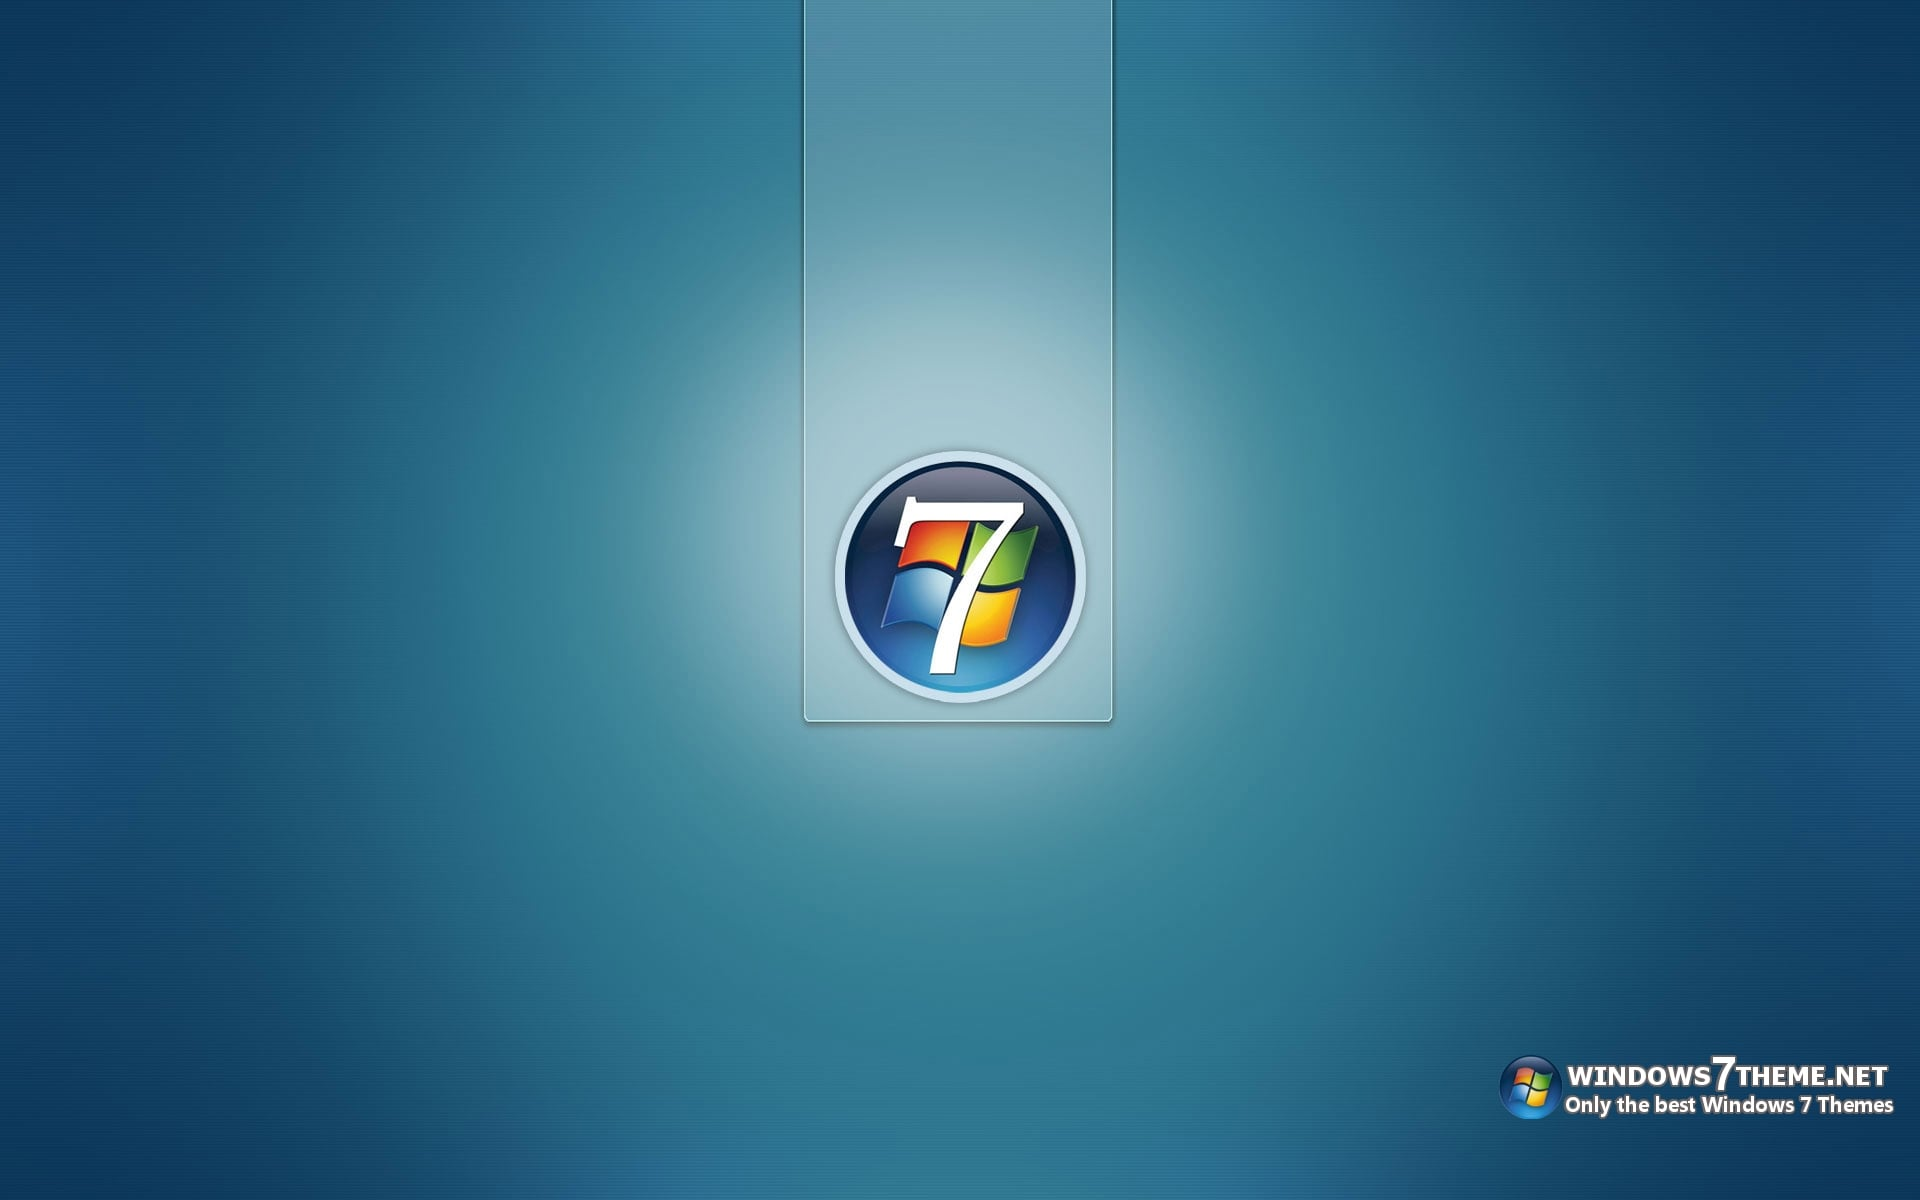 Windows 7 Blue Theme